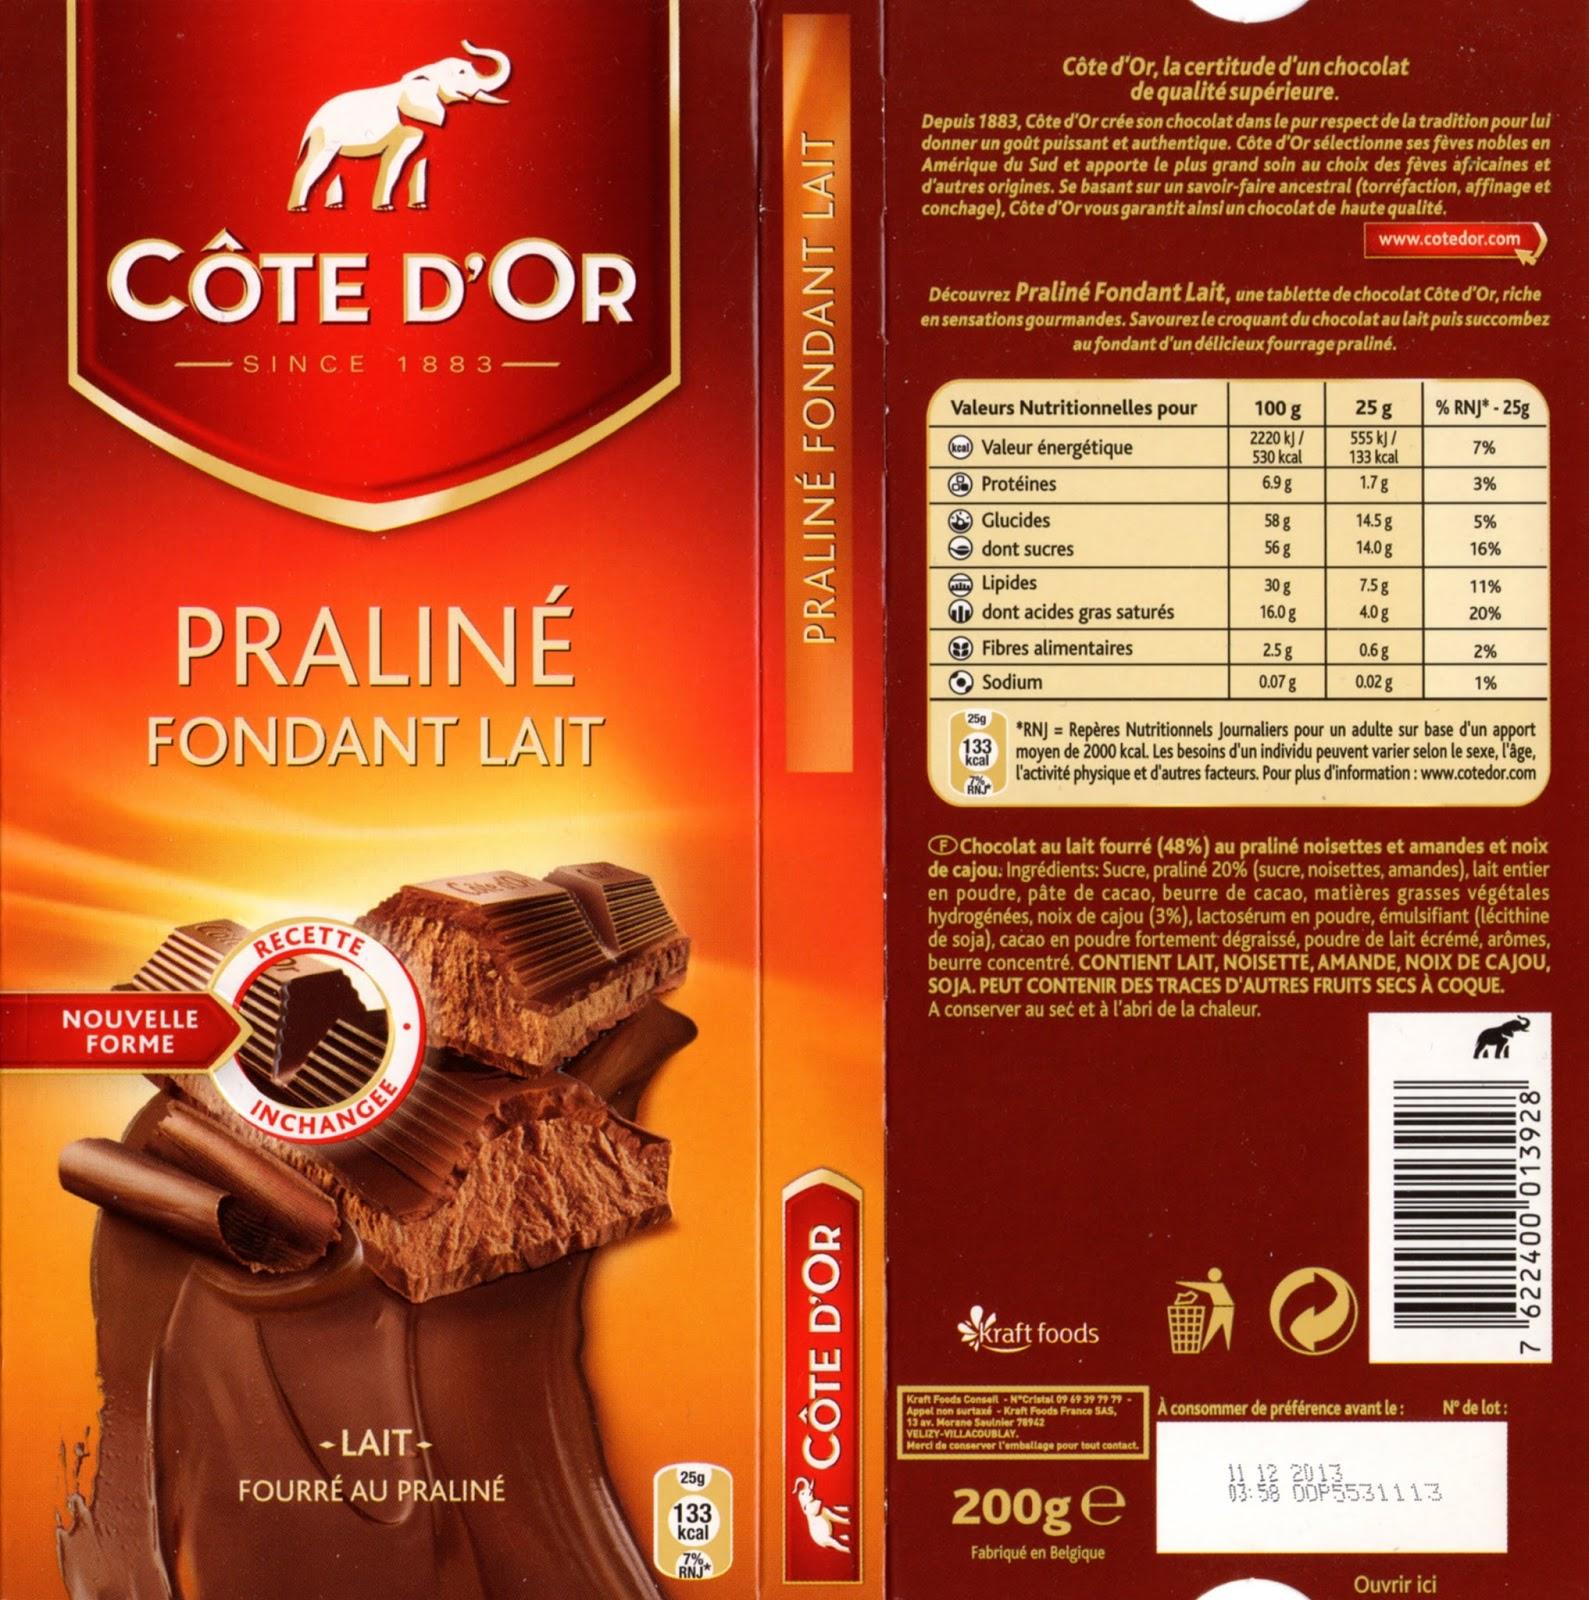 tablette de chocolat lait fourré côte d'or praliné fondant lait